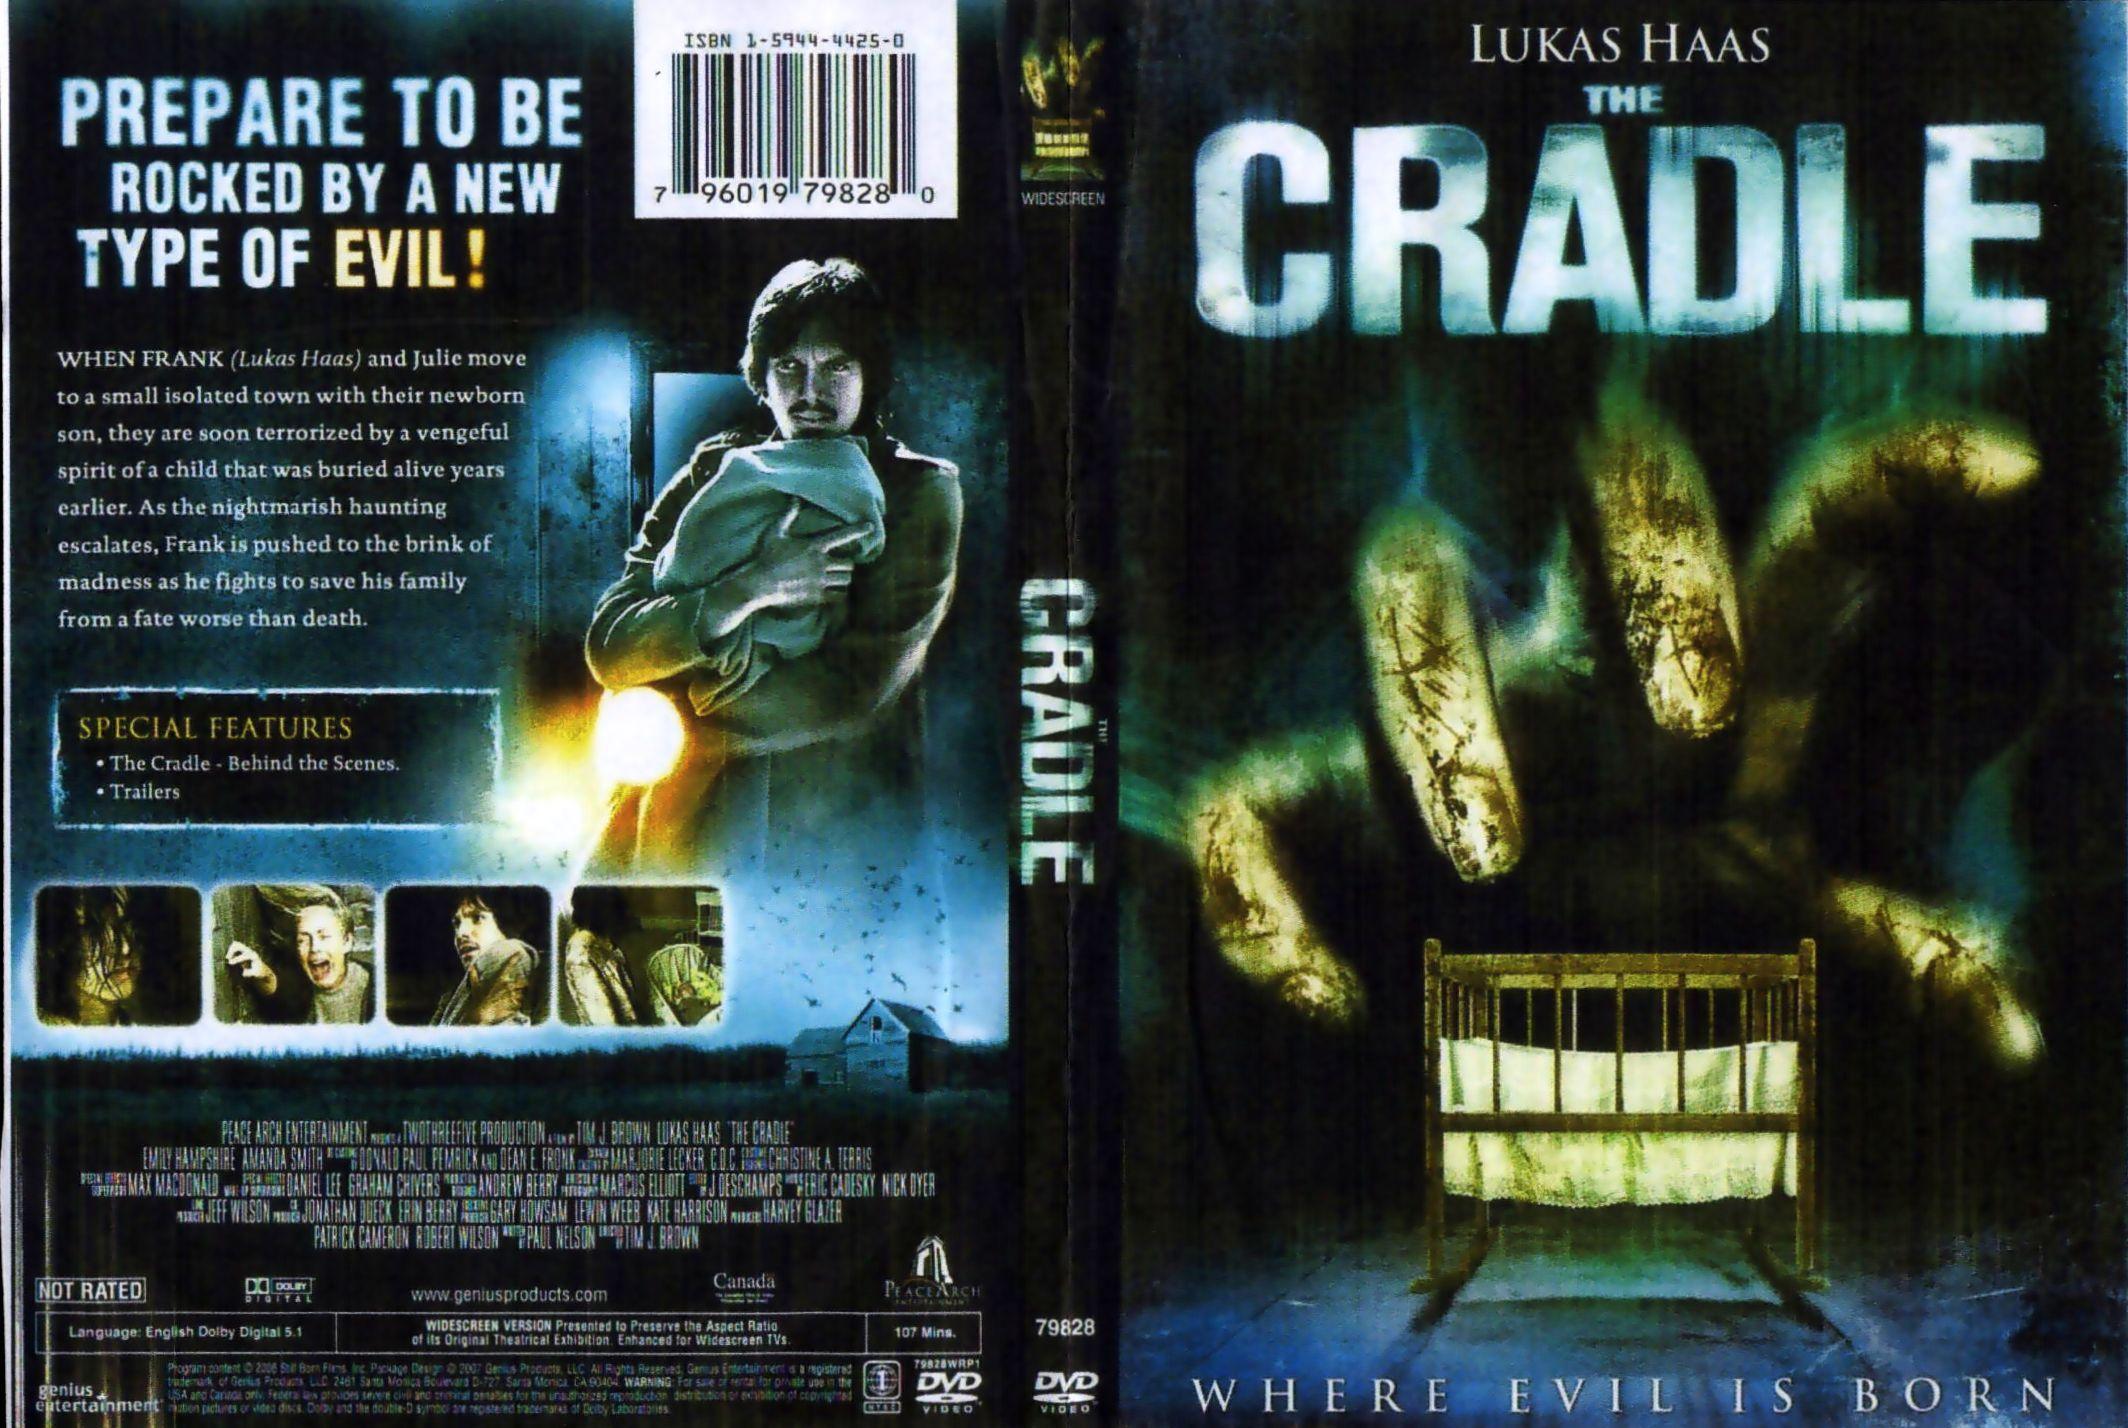 TheCradle